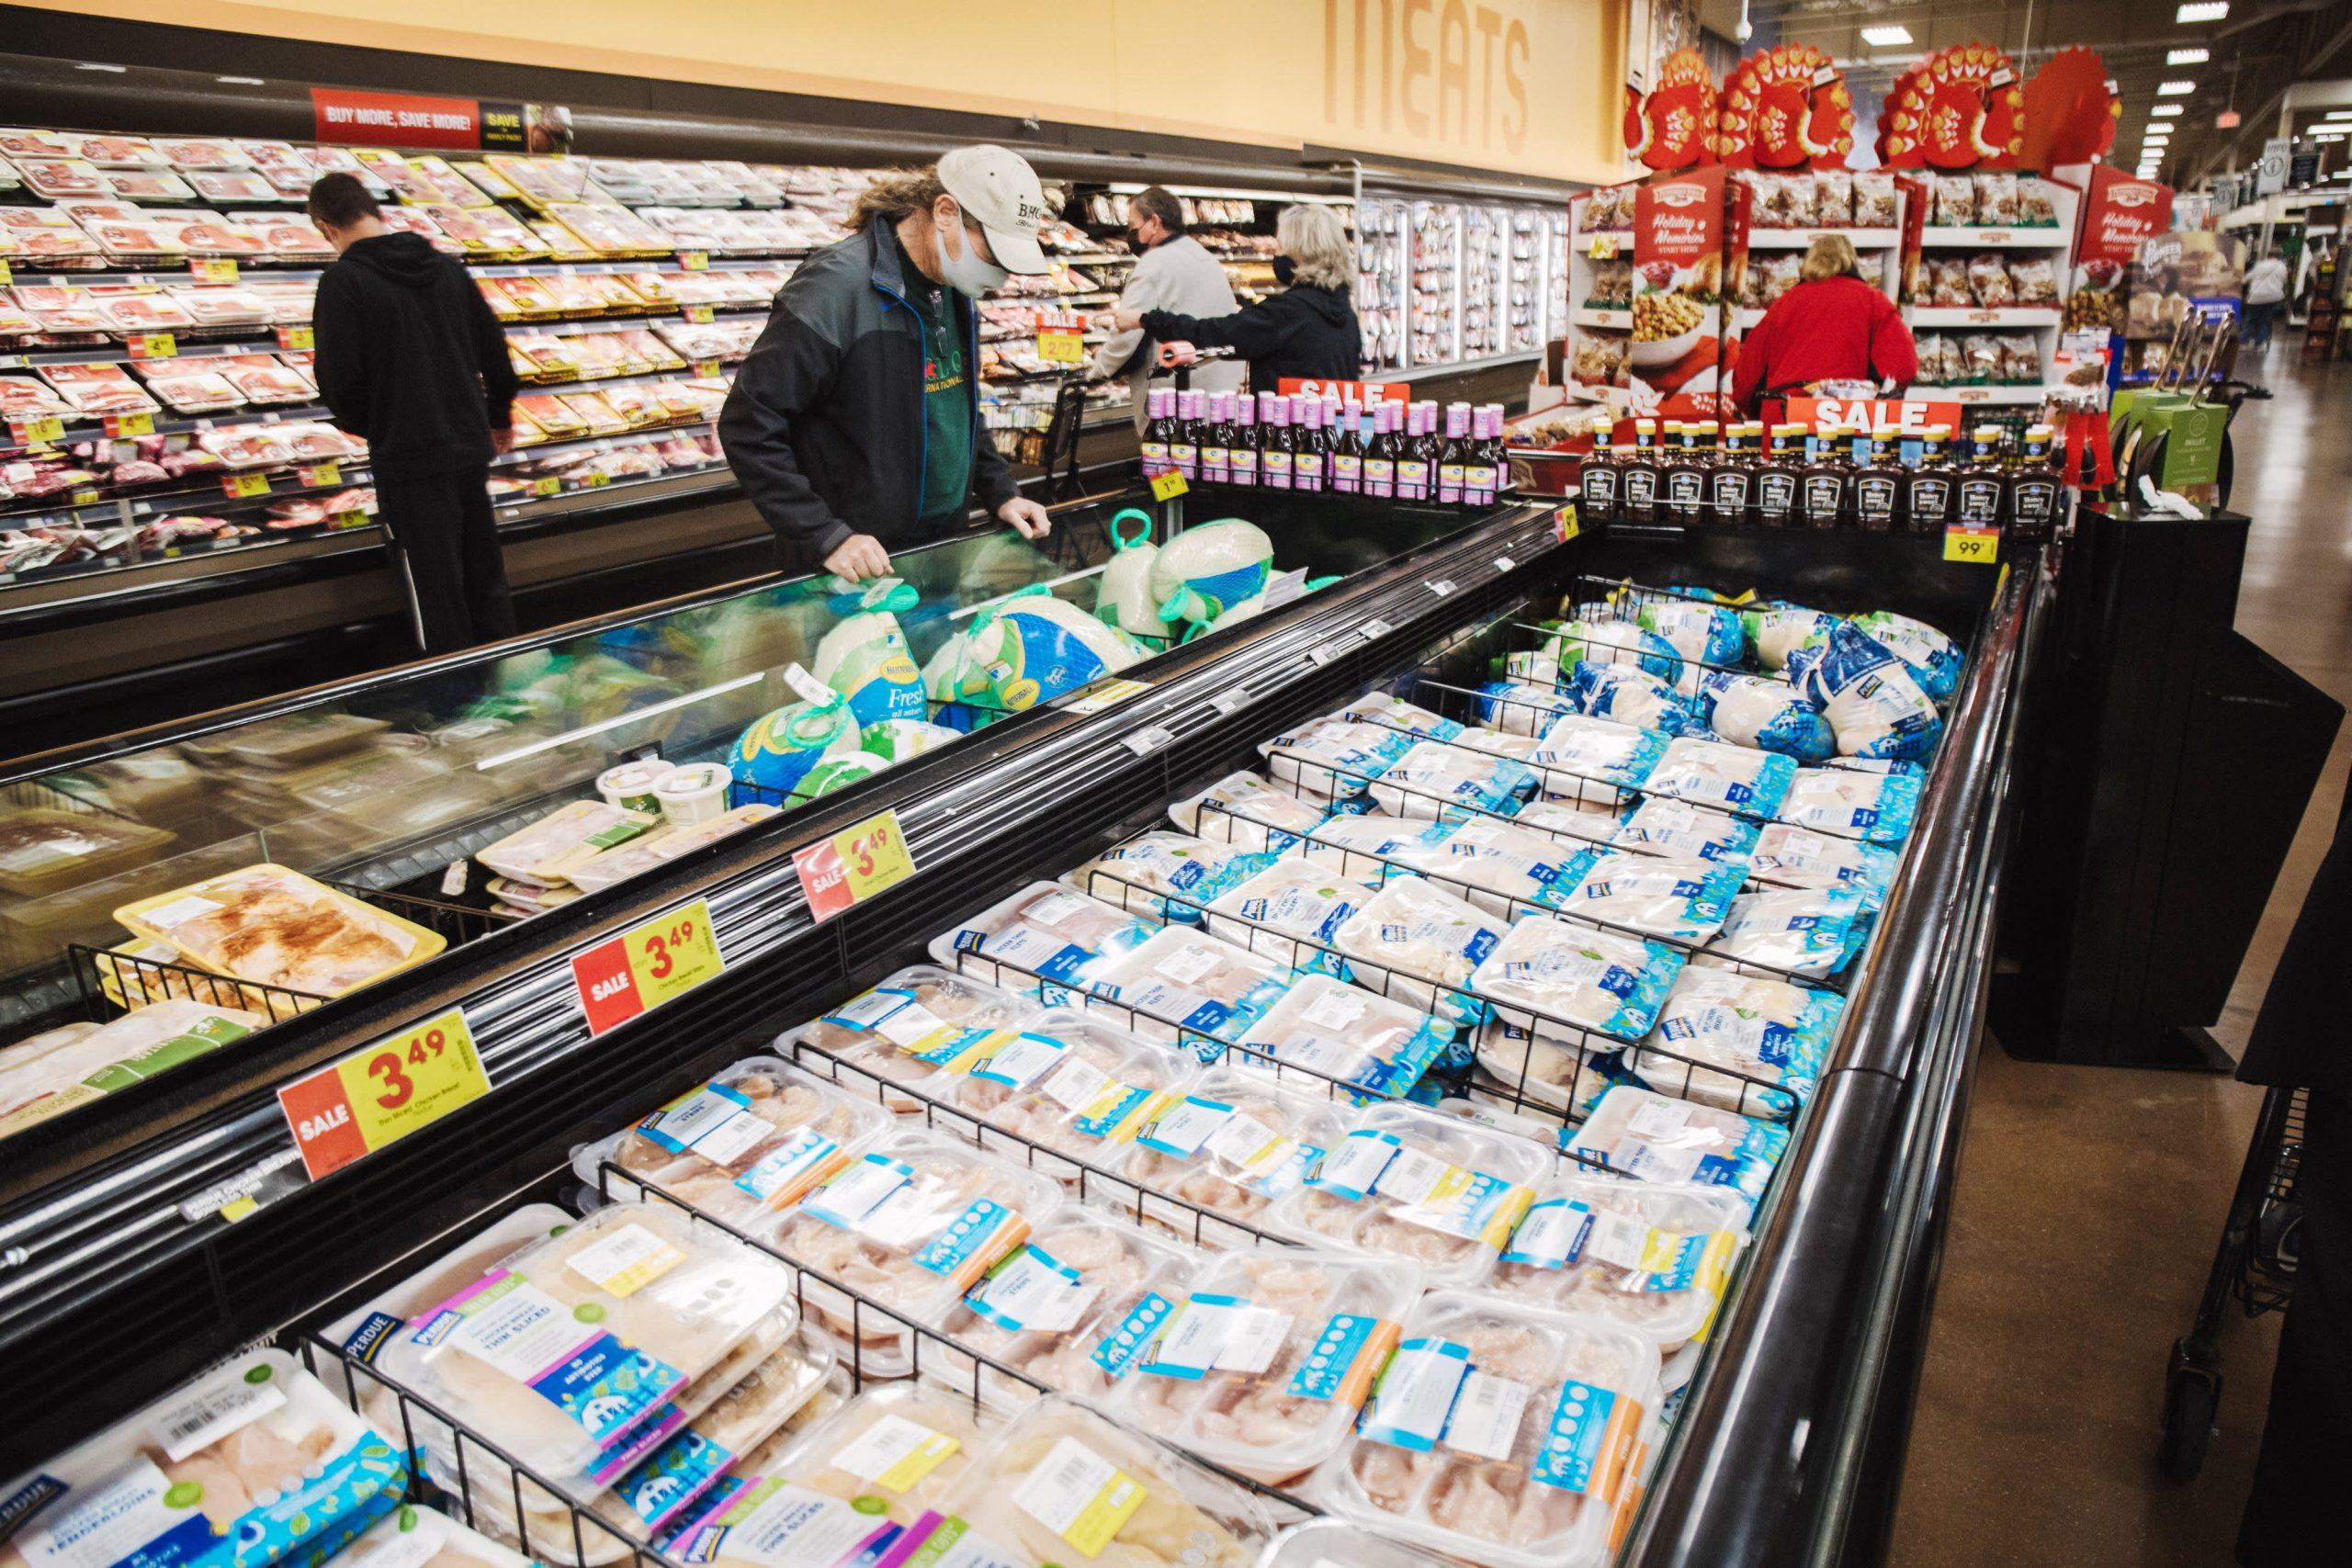 Los precios al consumidor suben un 5% en mayo, el ritmo más rápido desde el verano de 2008